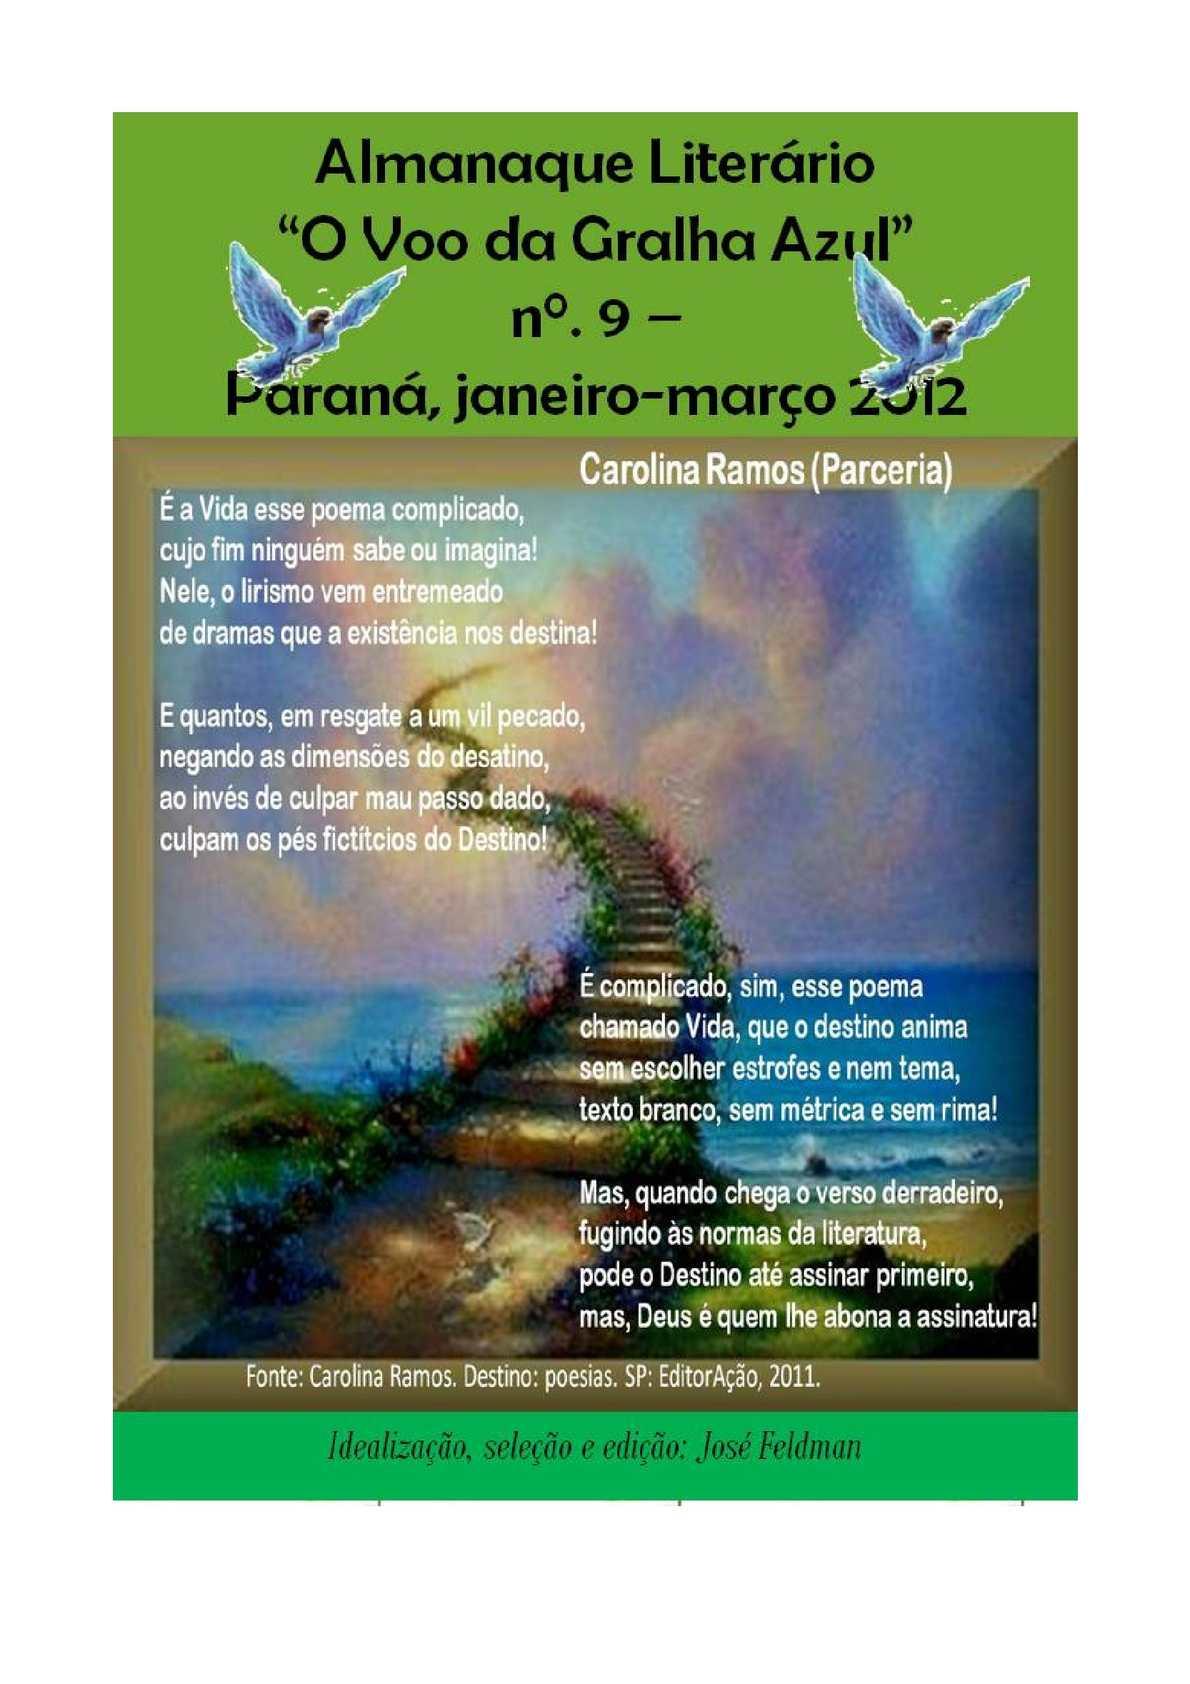 97c79c6617 Calaméo - ALMANAQUE O VÔO DA GRALHA AZUL Nº9 Editor  José Feldman - Pr